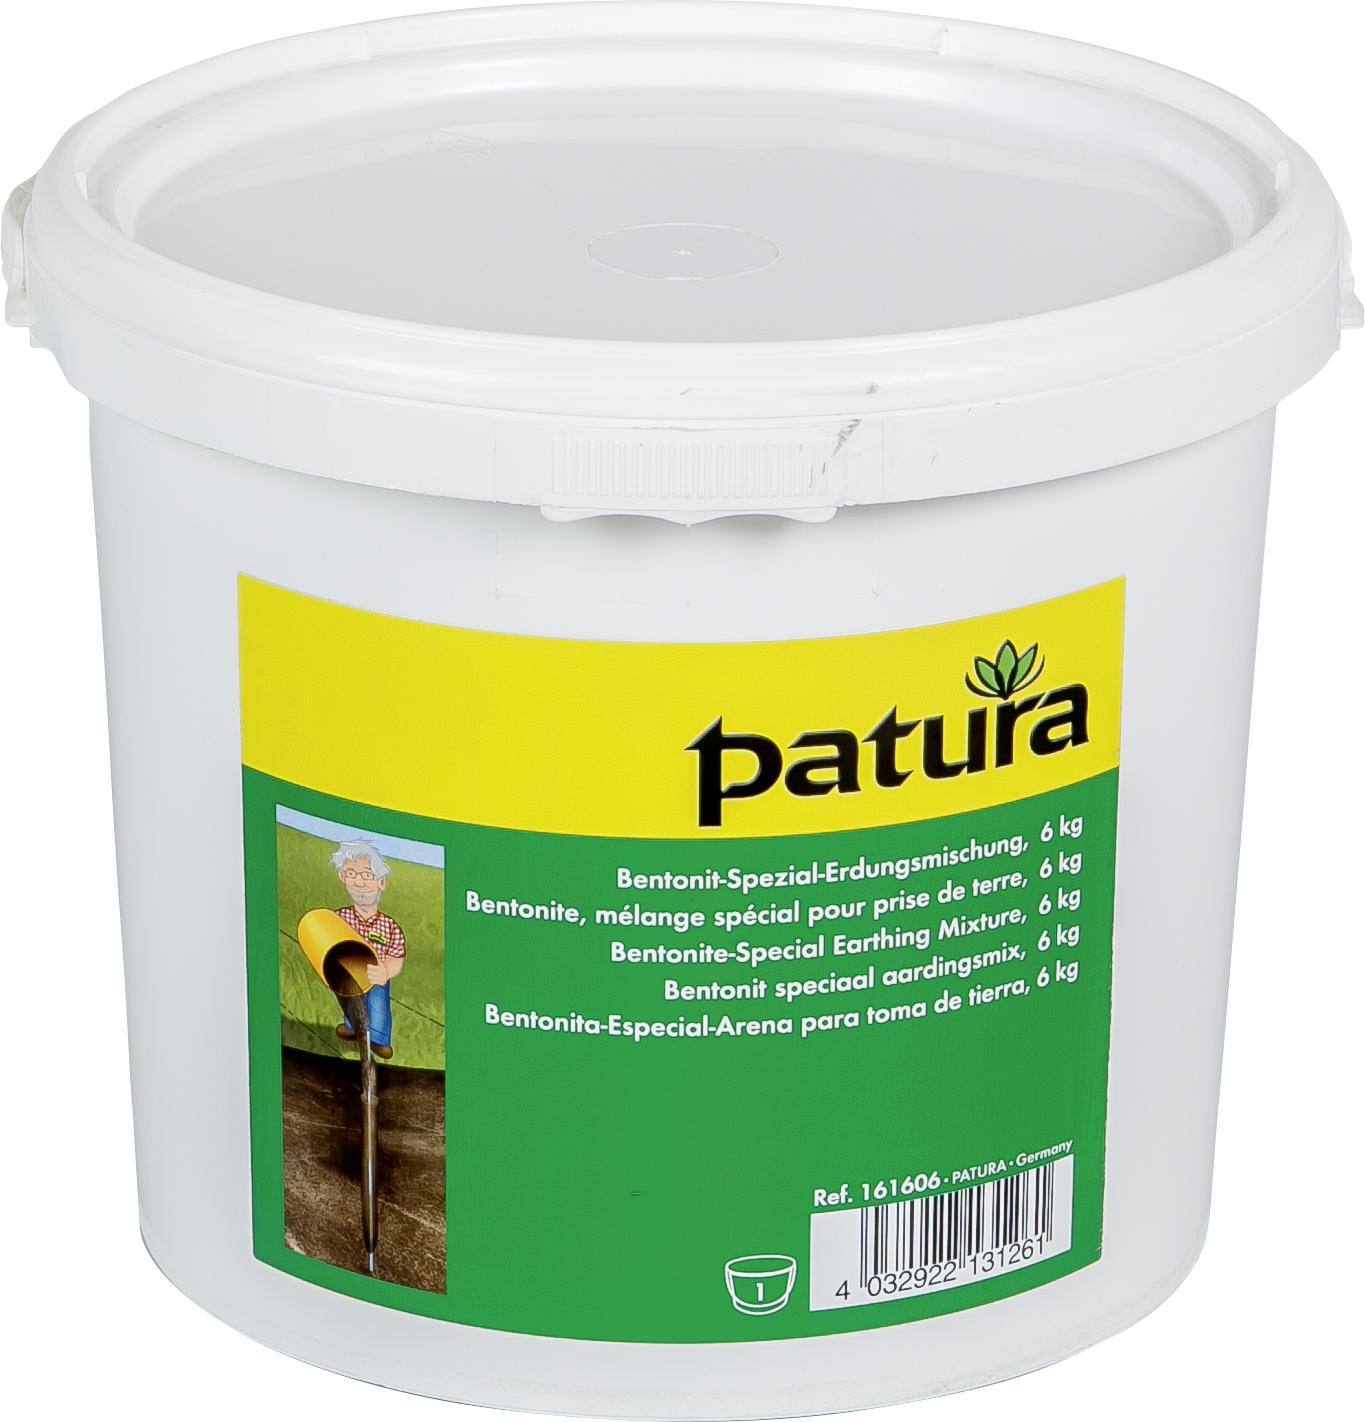 Bentonit Spezial-Erdungsmischung (Eimer mit 6 kg)